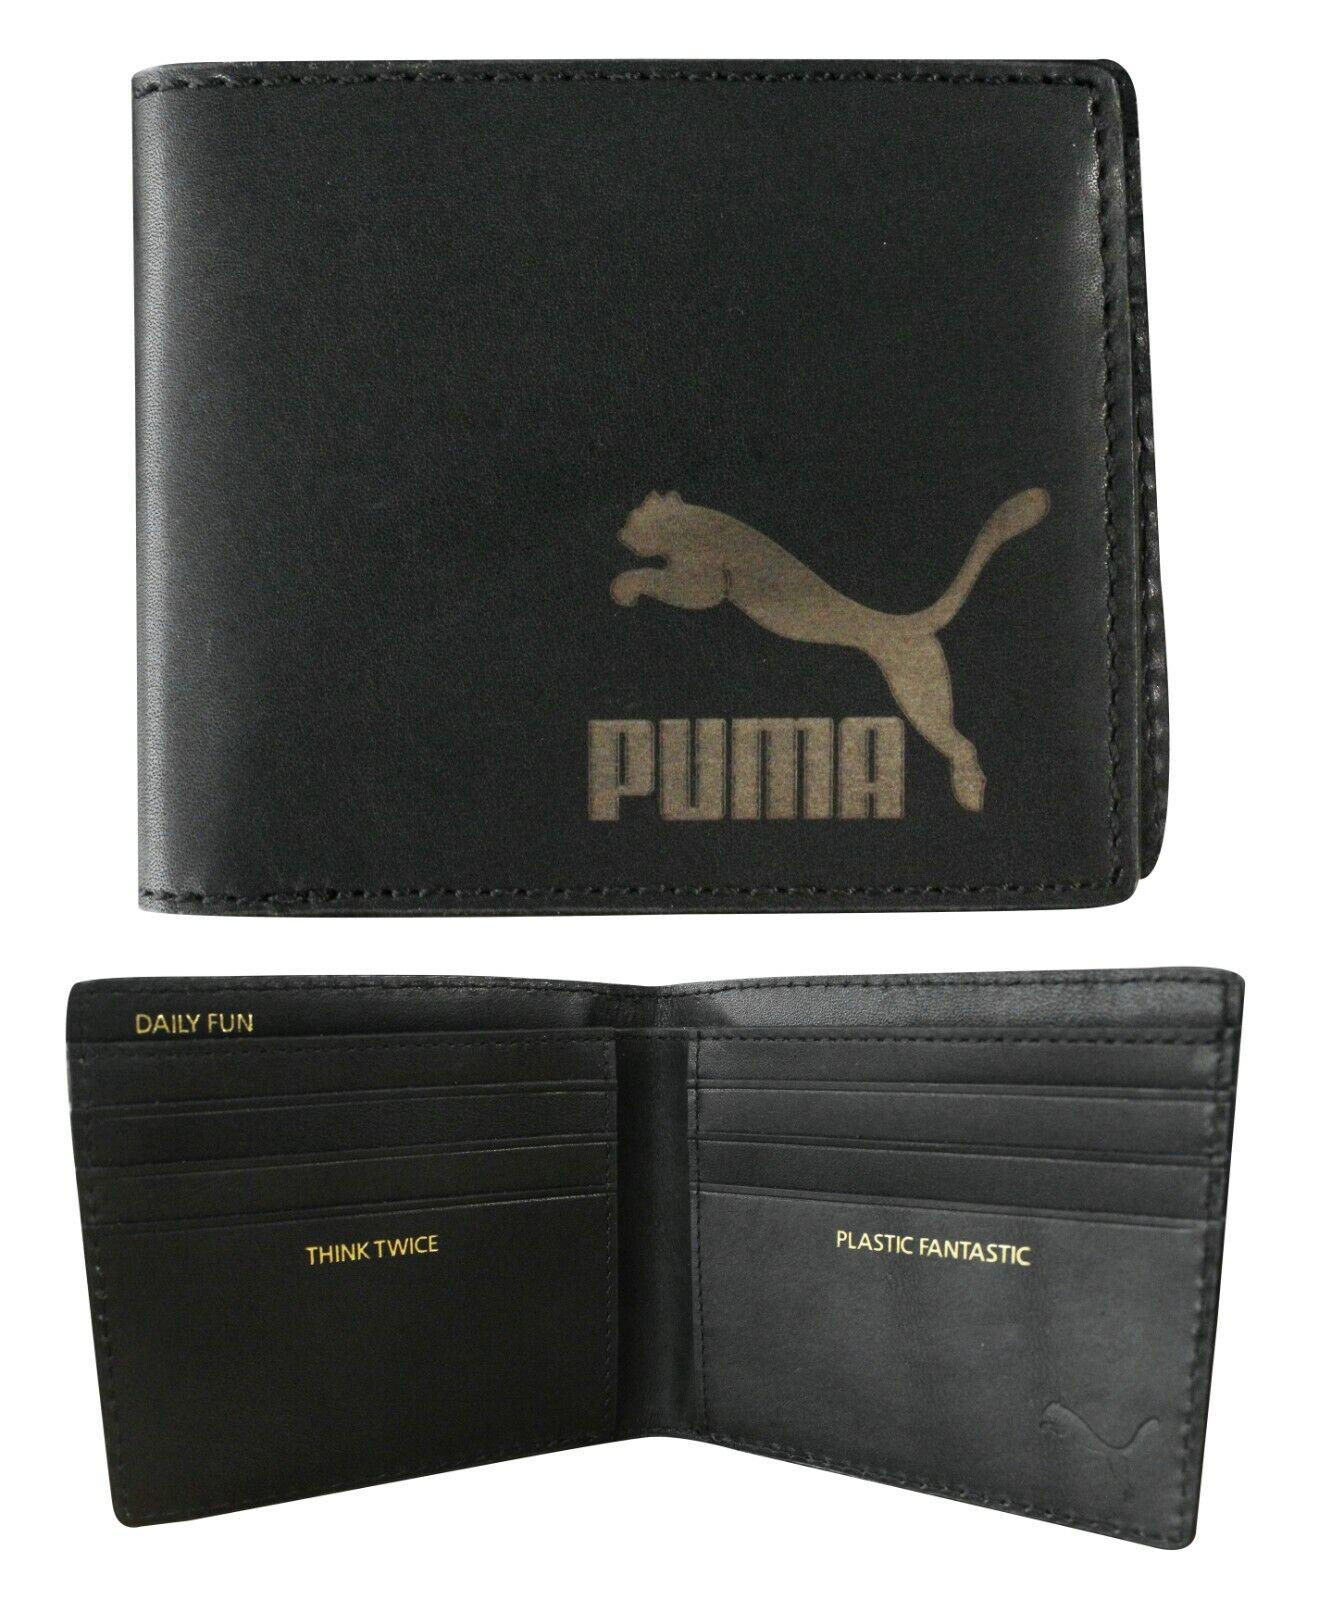 puma cash